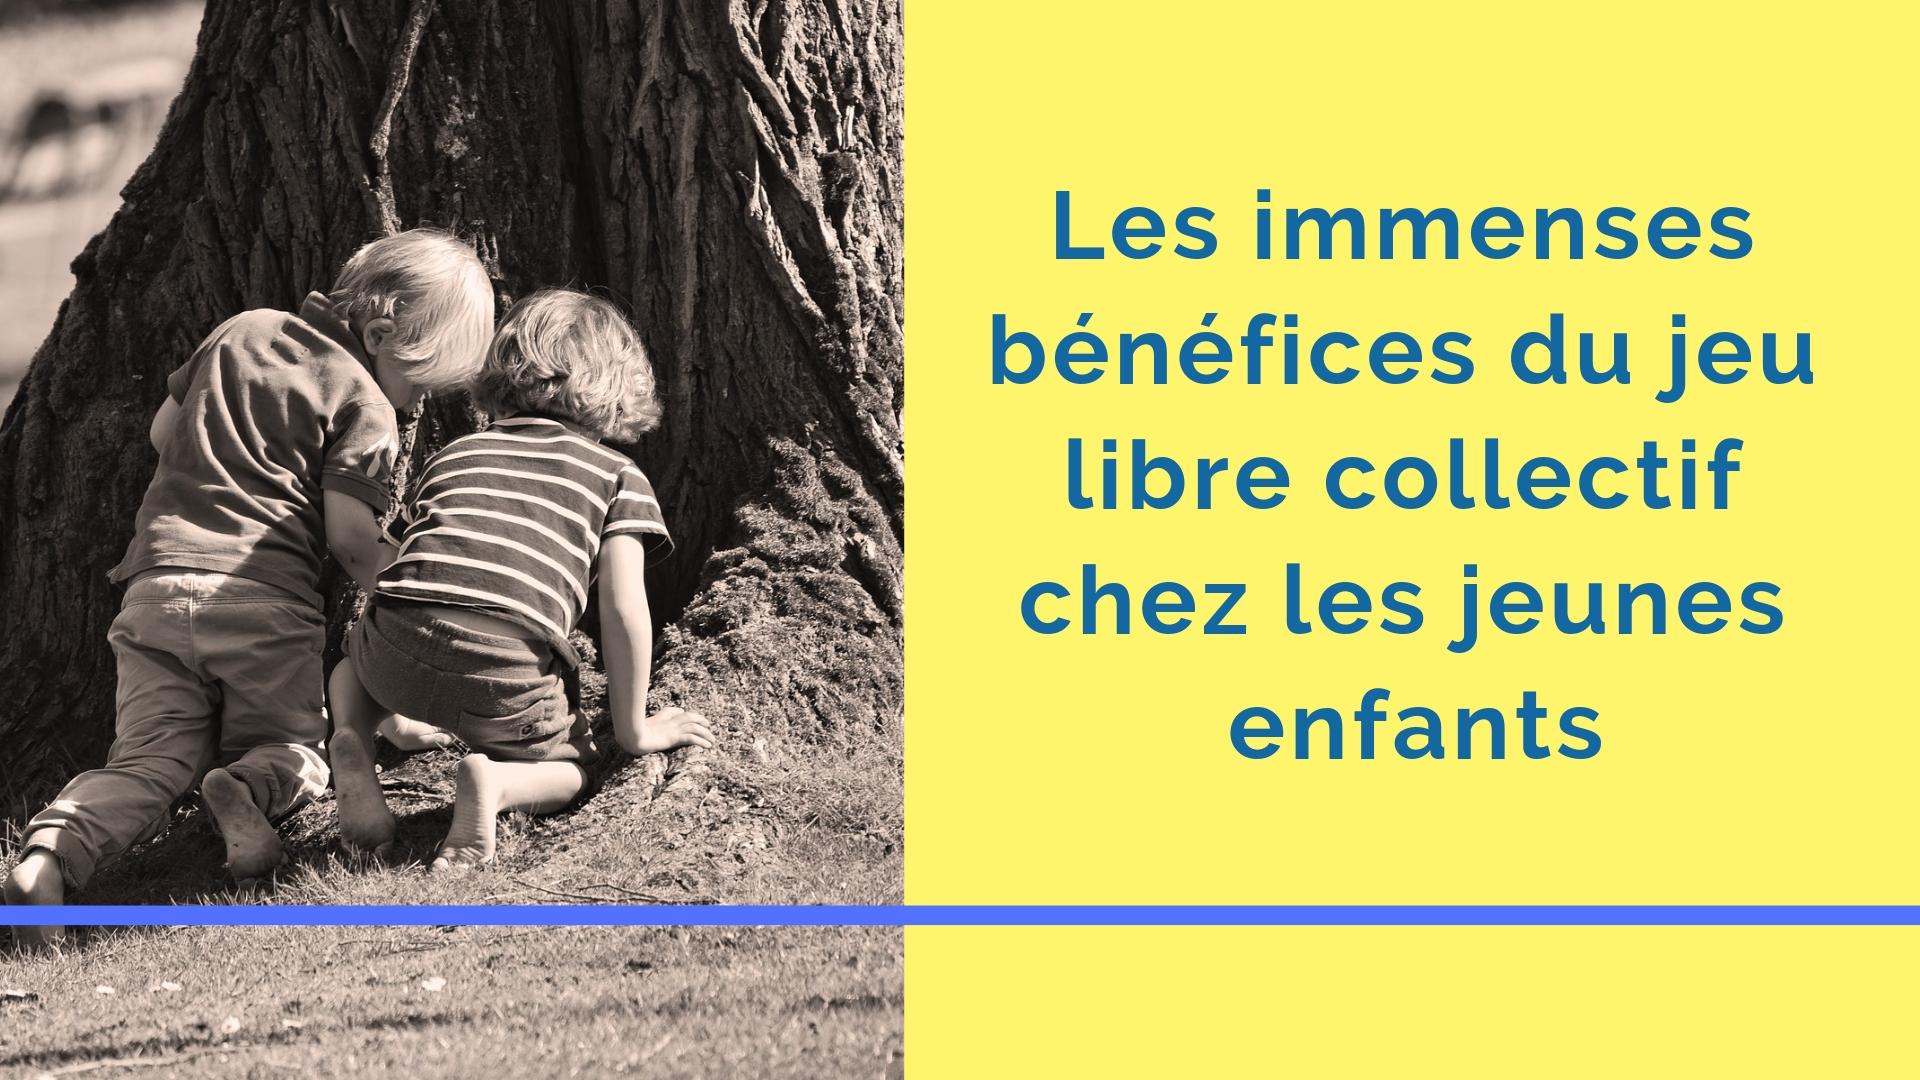 Les immenses bénéfices du jeu libre collectif chez les jeunes enfants